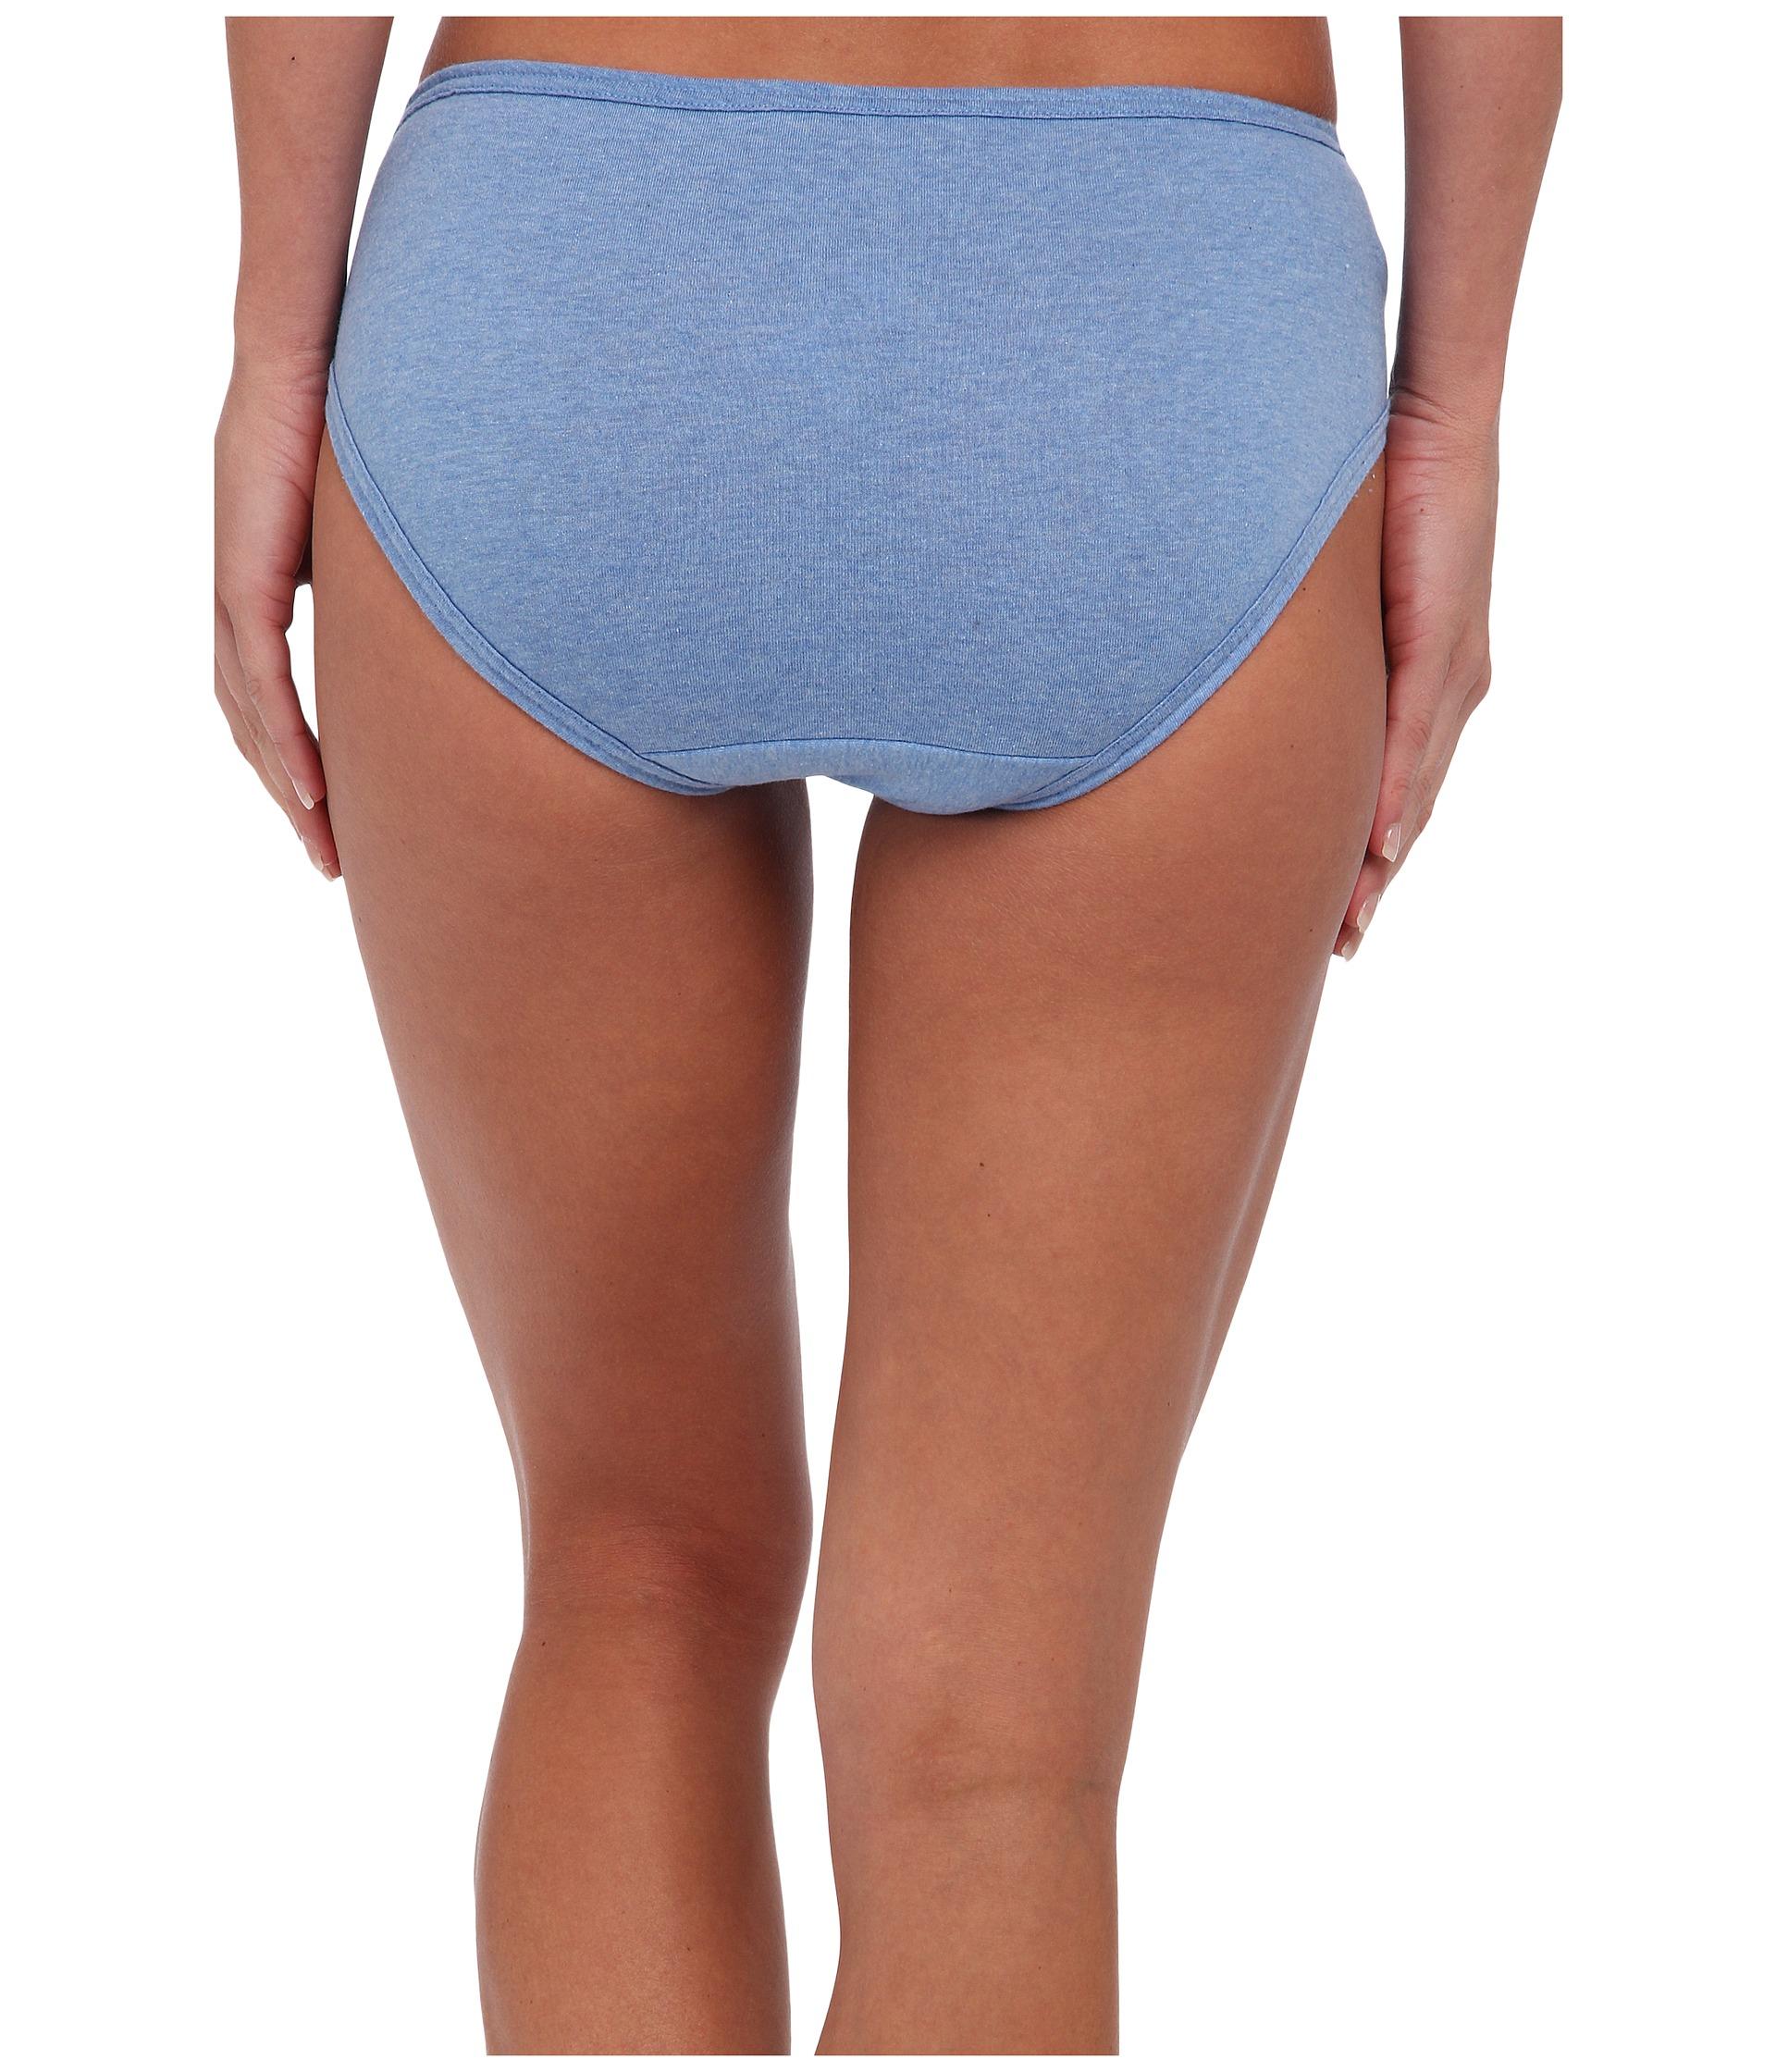 Elance bikini 3 pack jocky